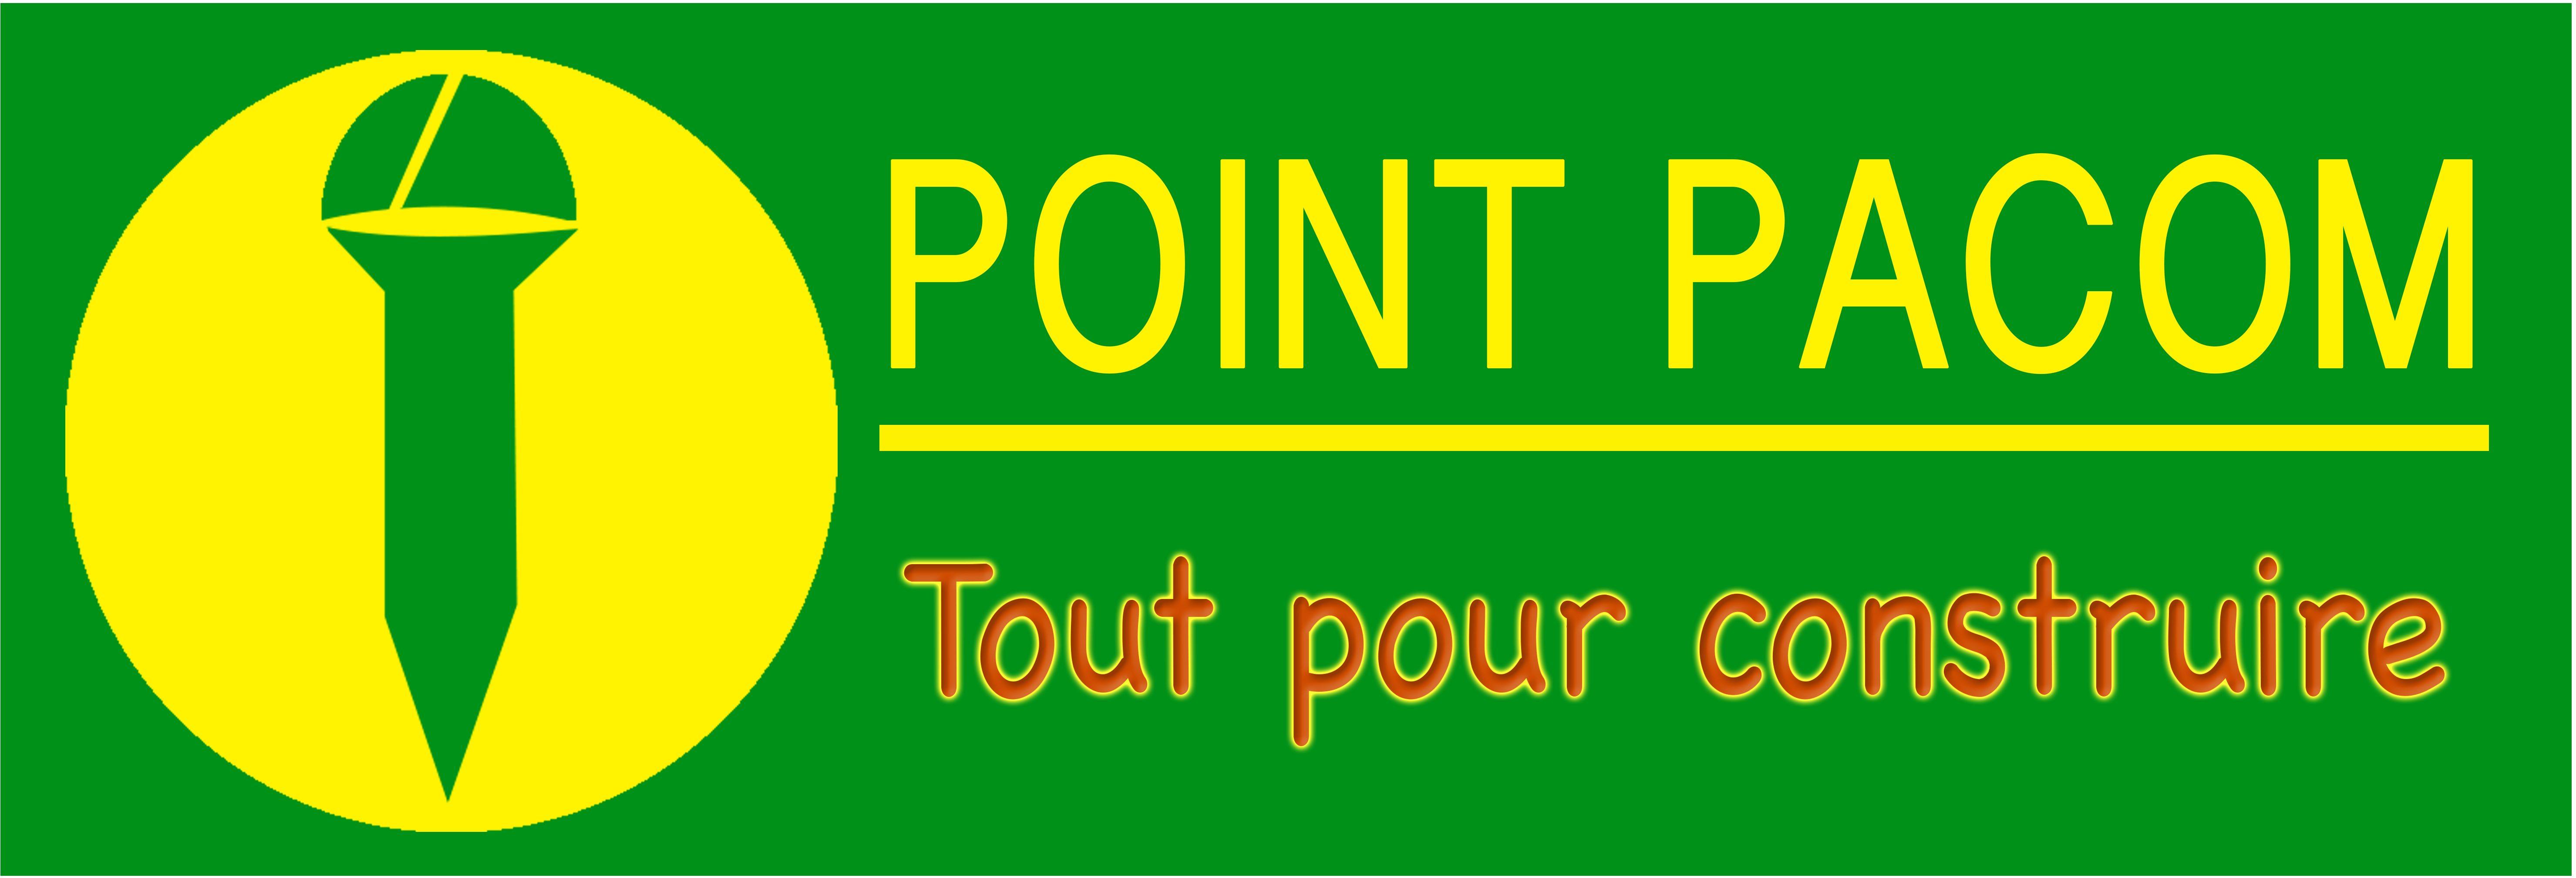 Pointpacom